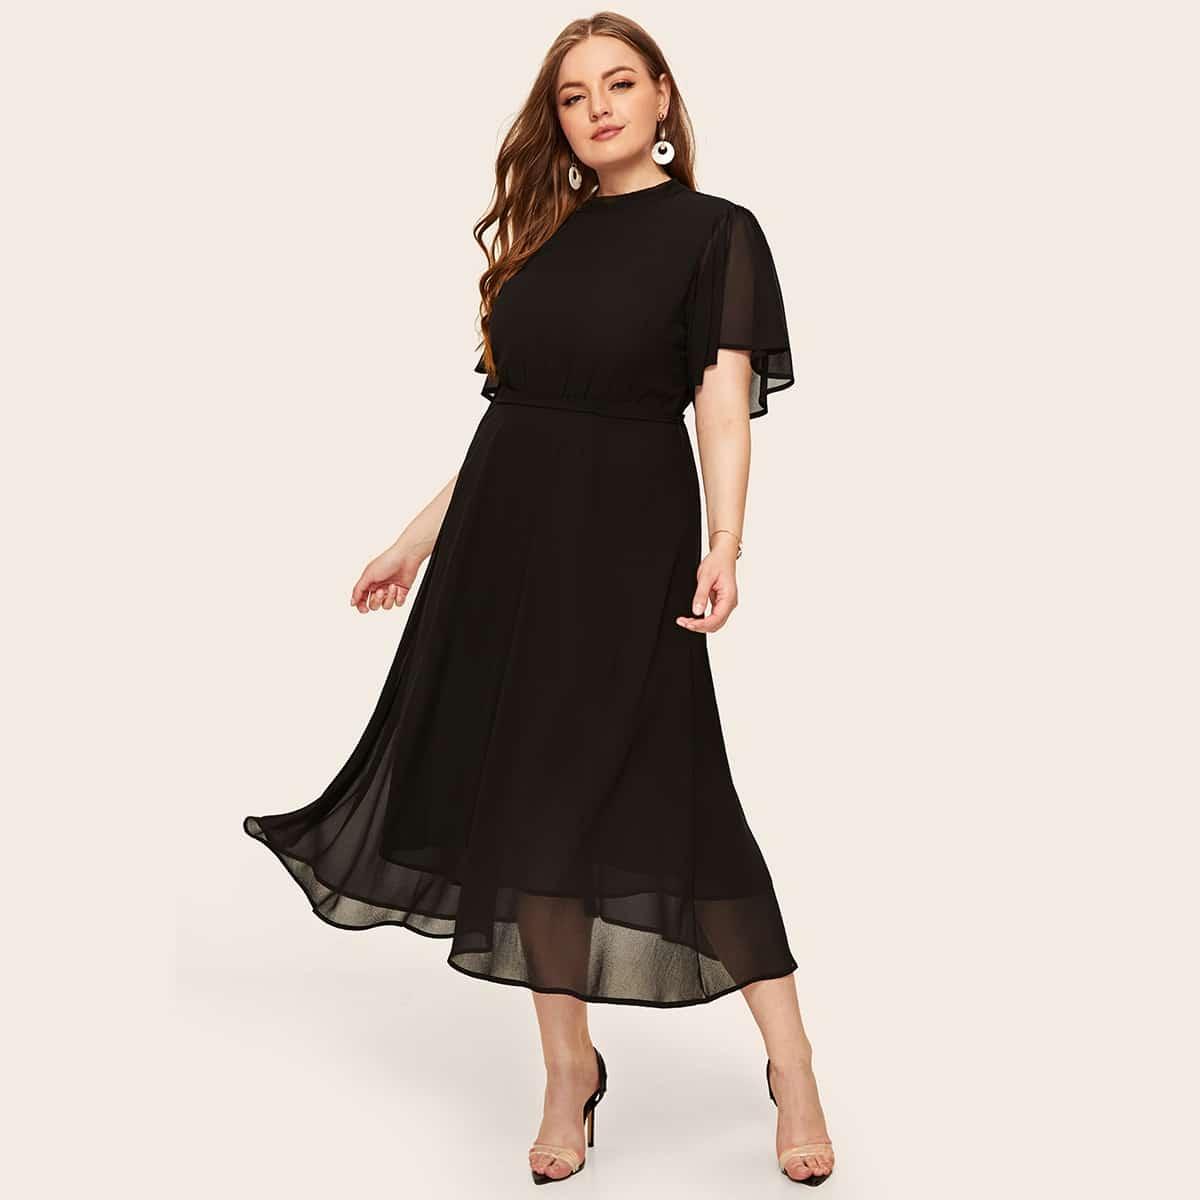 Zwart Elegant Vlak Grote maten jurken Zonder rug